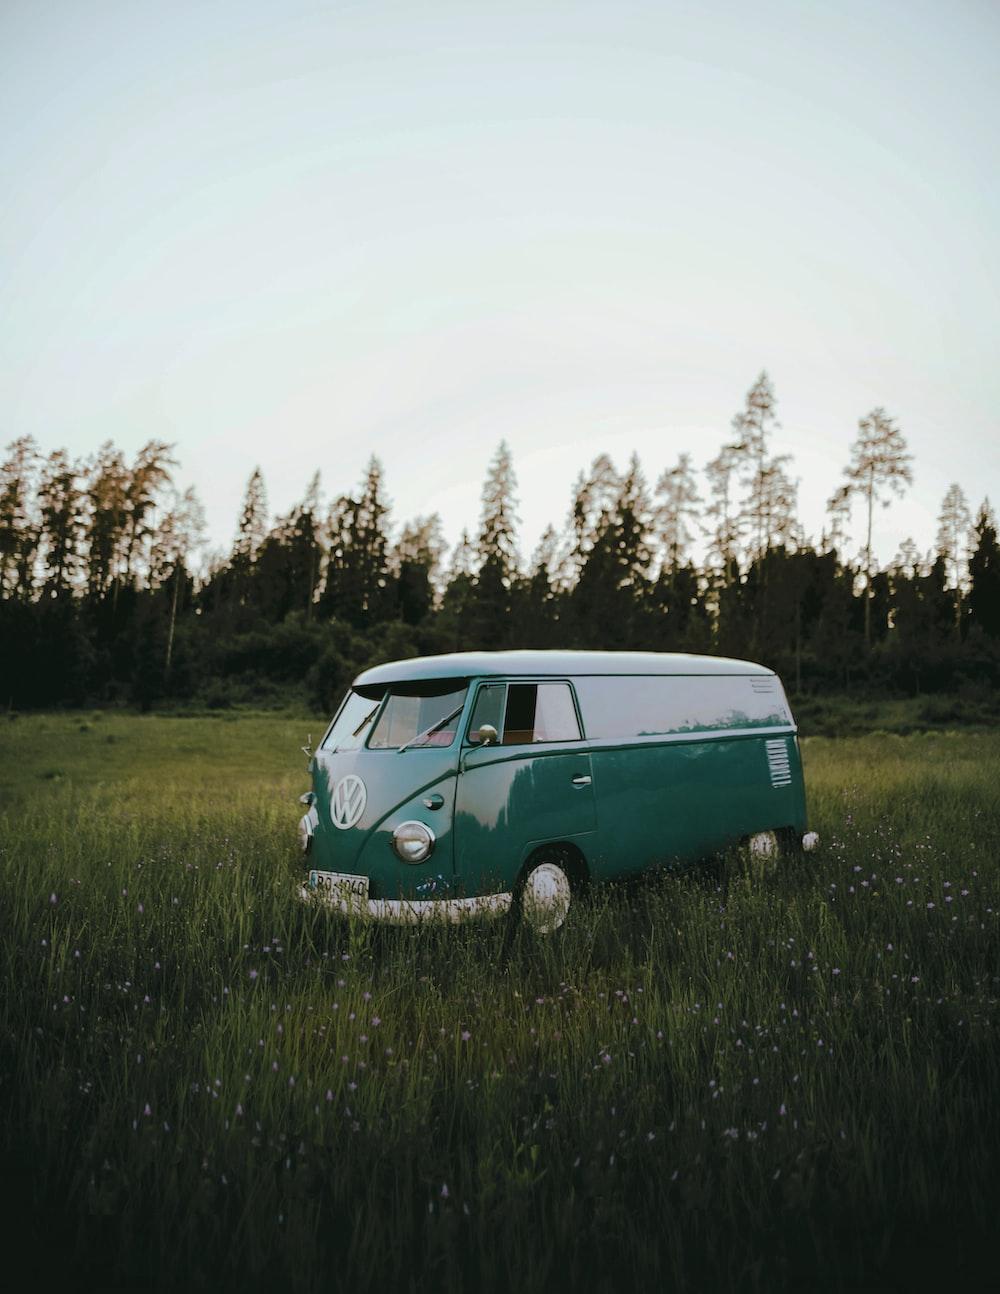 blue volkswagen t-2 on green grass field during daytime